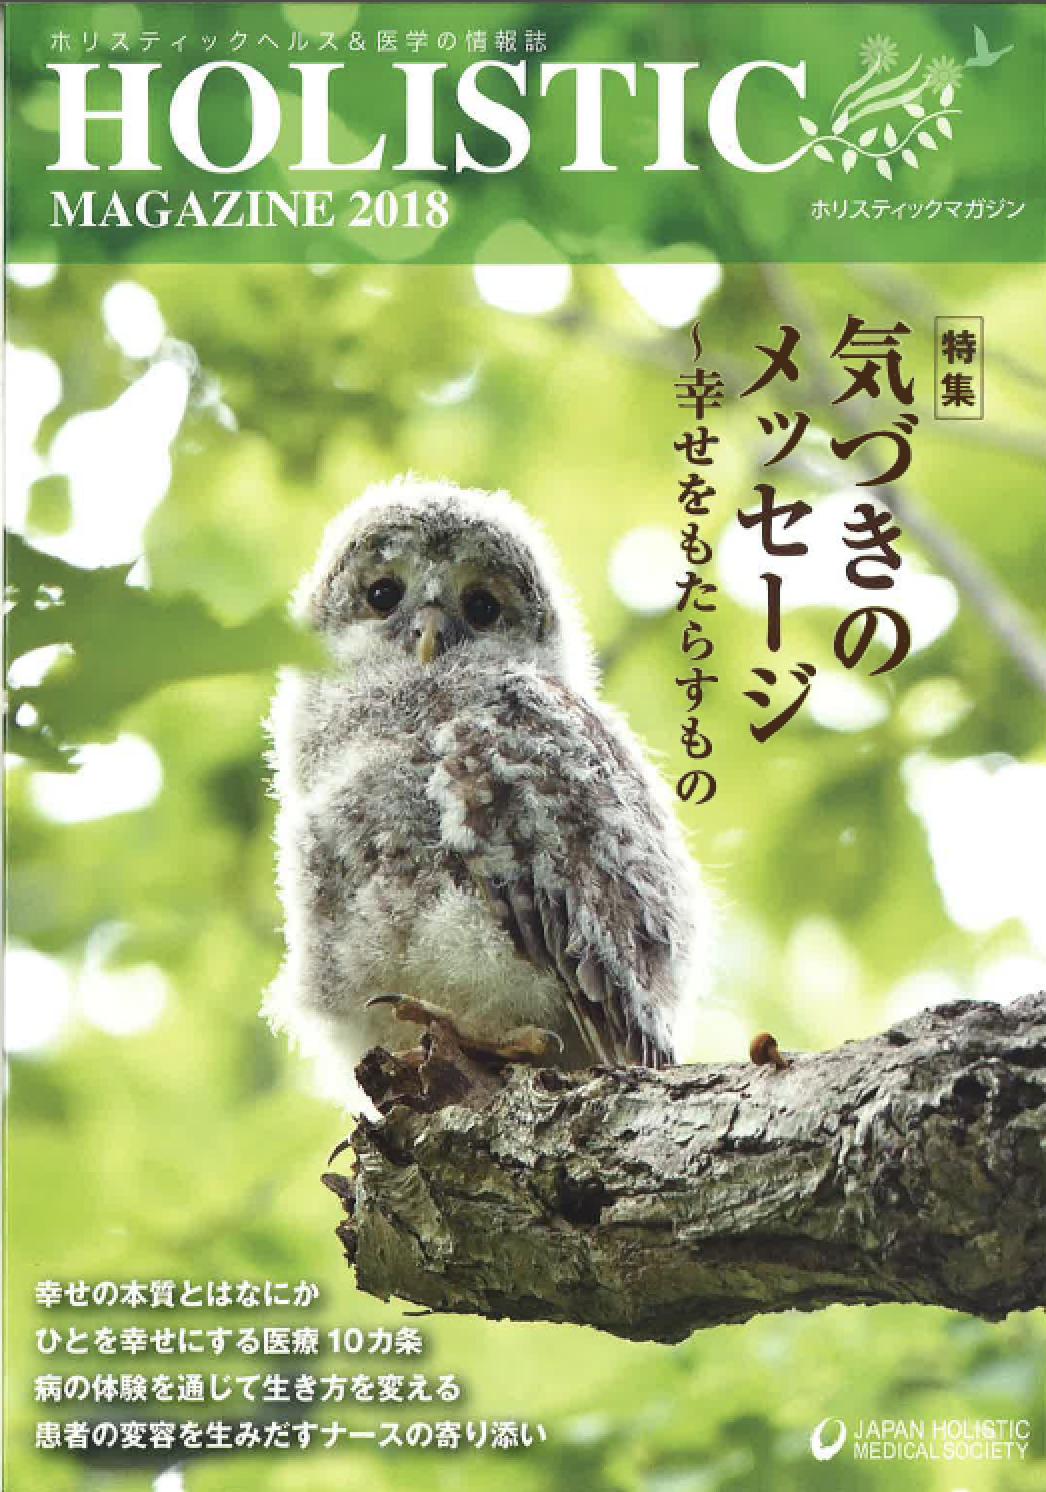 http://hozawa.jp/news/news_img/%E3%82%B9%E3%82%AF%E3%83%AA%E3%83%BC%E3%83%B3%E3%82%B7%E3%83%A7%E3%83%83%E3%83%88%202018-03-01%2010.25.24.png